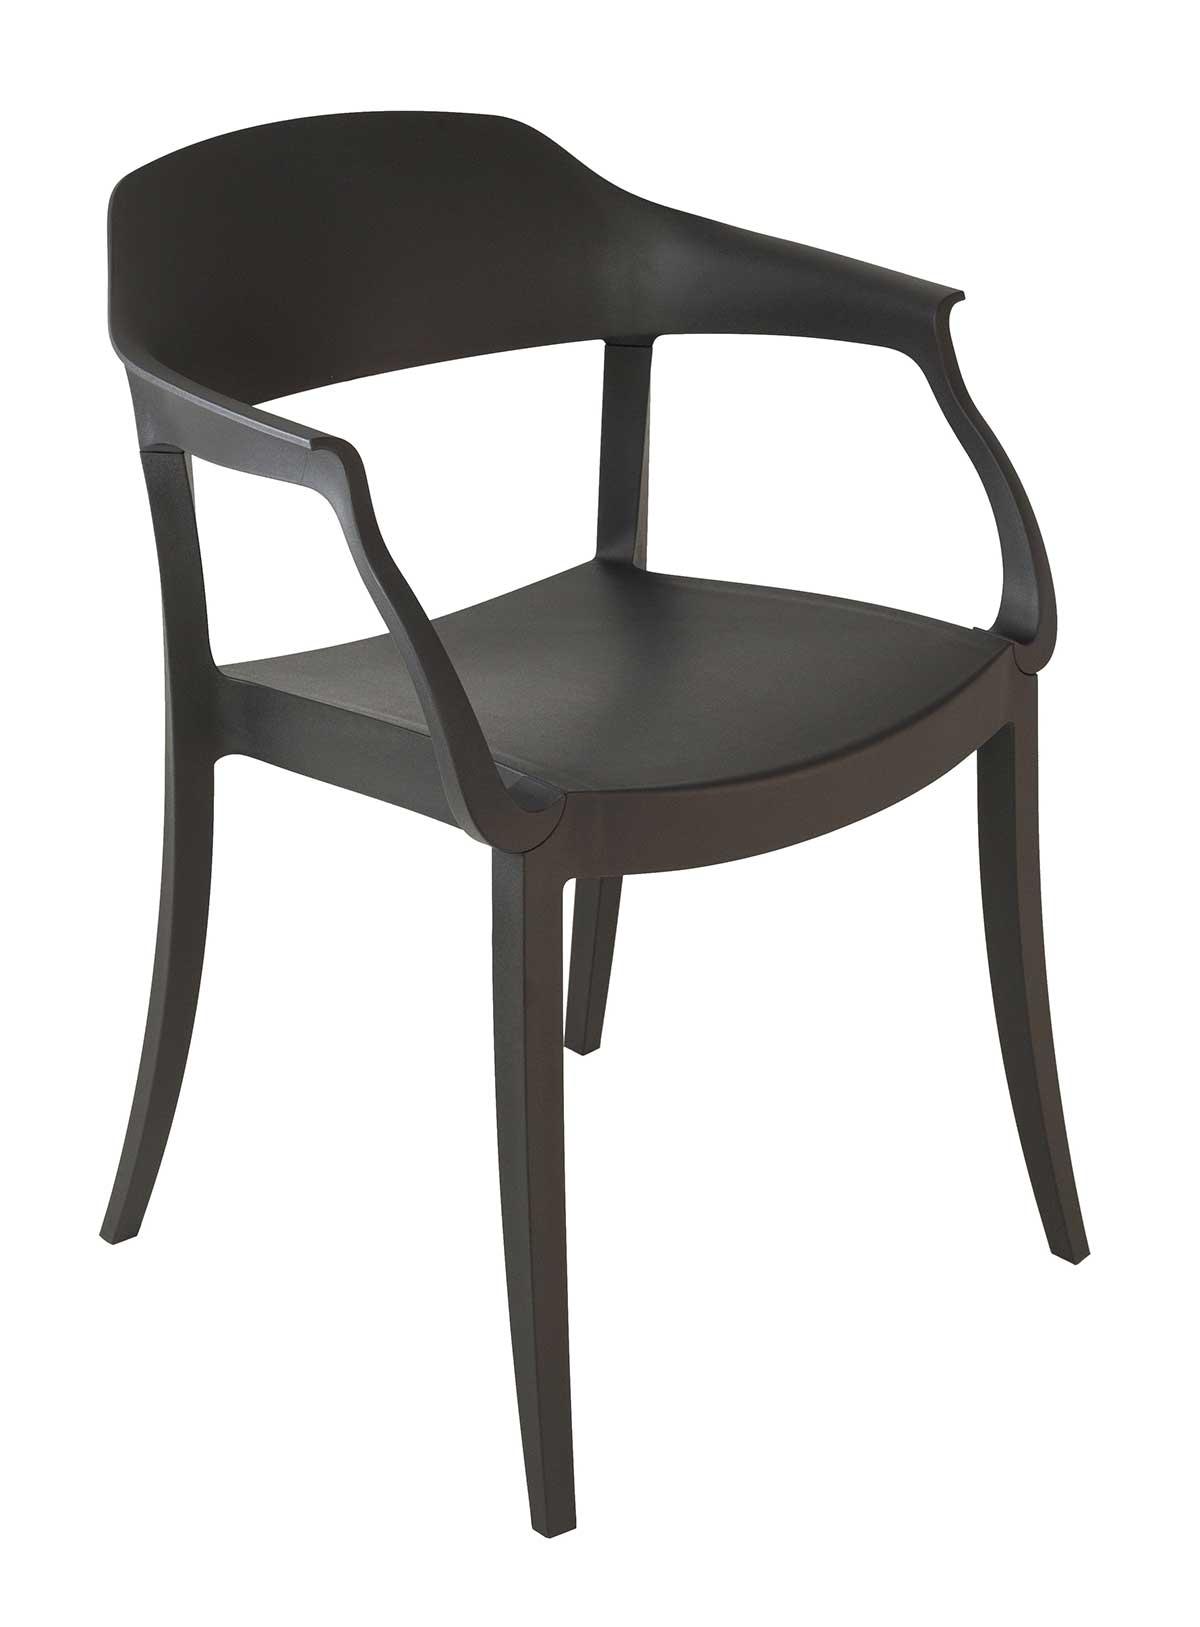 La chaise en polypropylène Sarah, réalisée artisanalement en Italie est pratique, légère et solide. Découvrez la collection de chaises empilables pour la salle à manger ou le bureau.